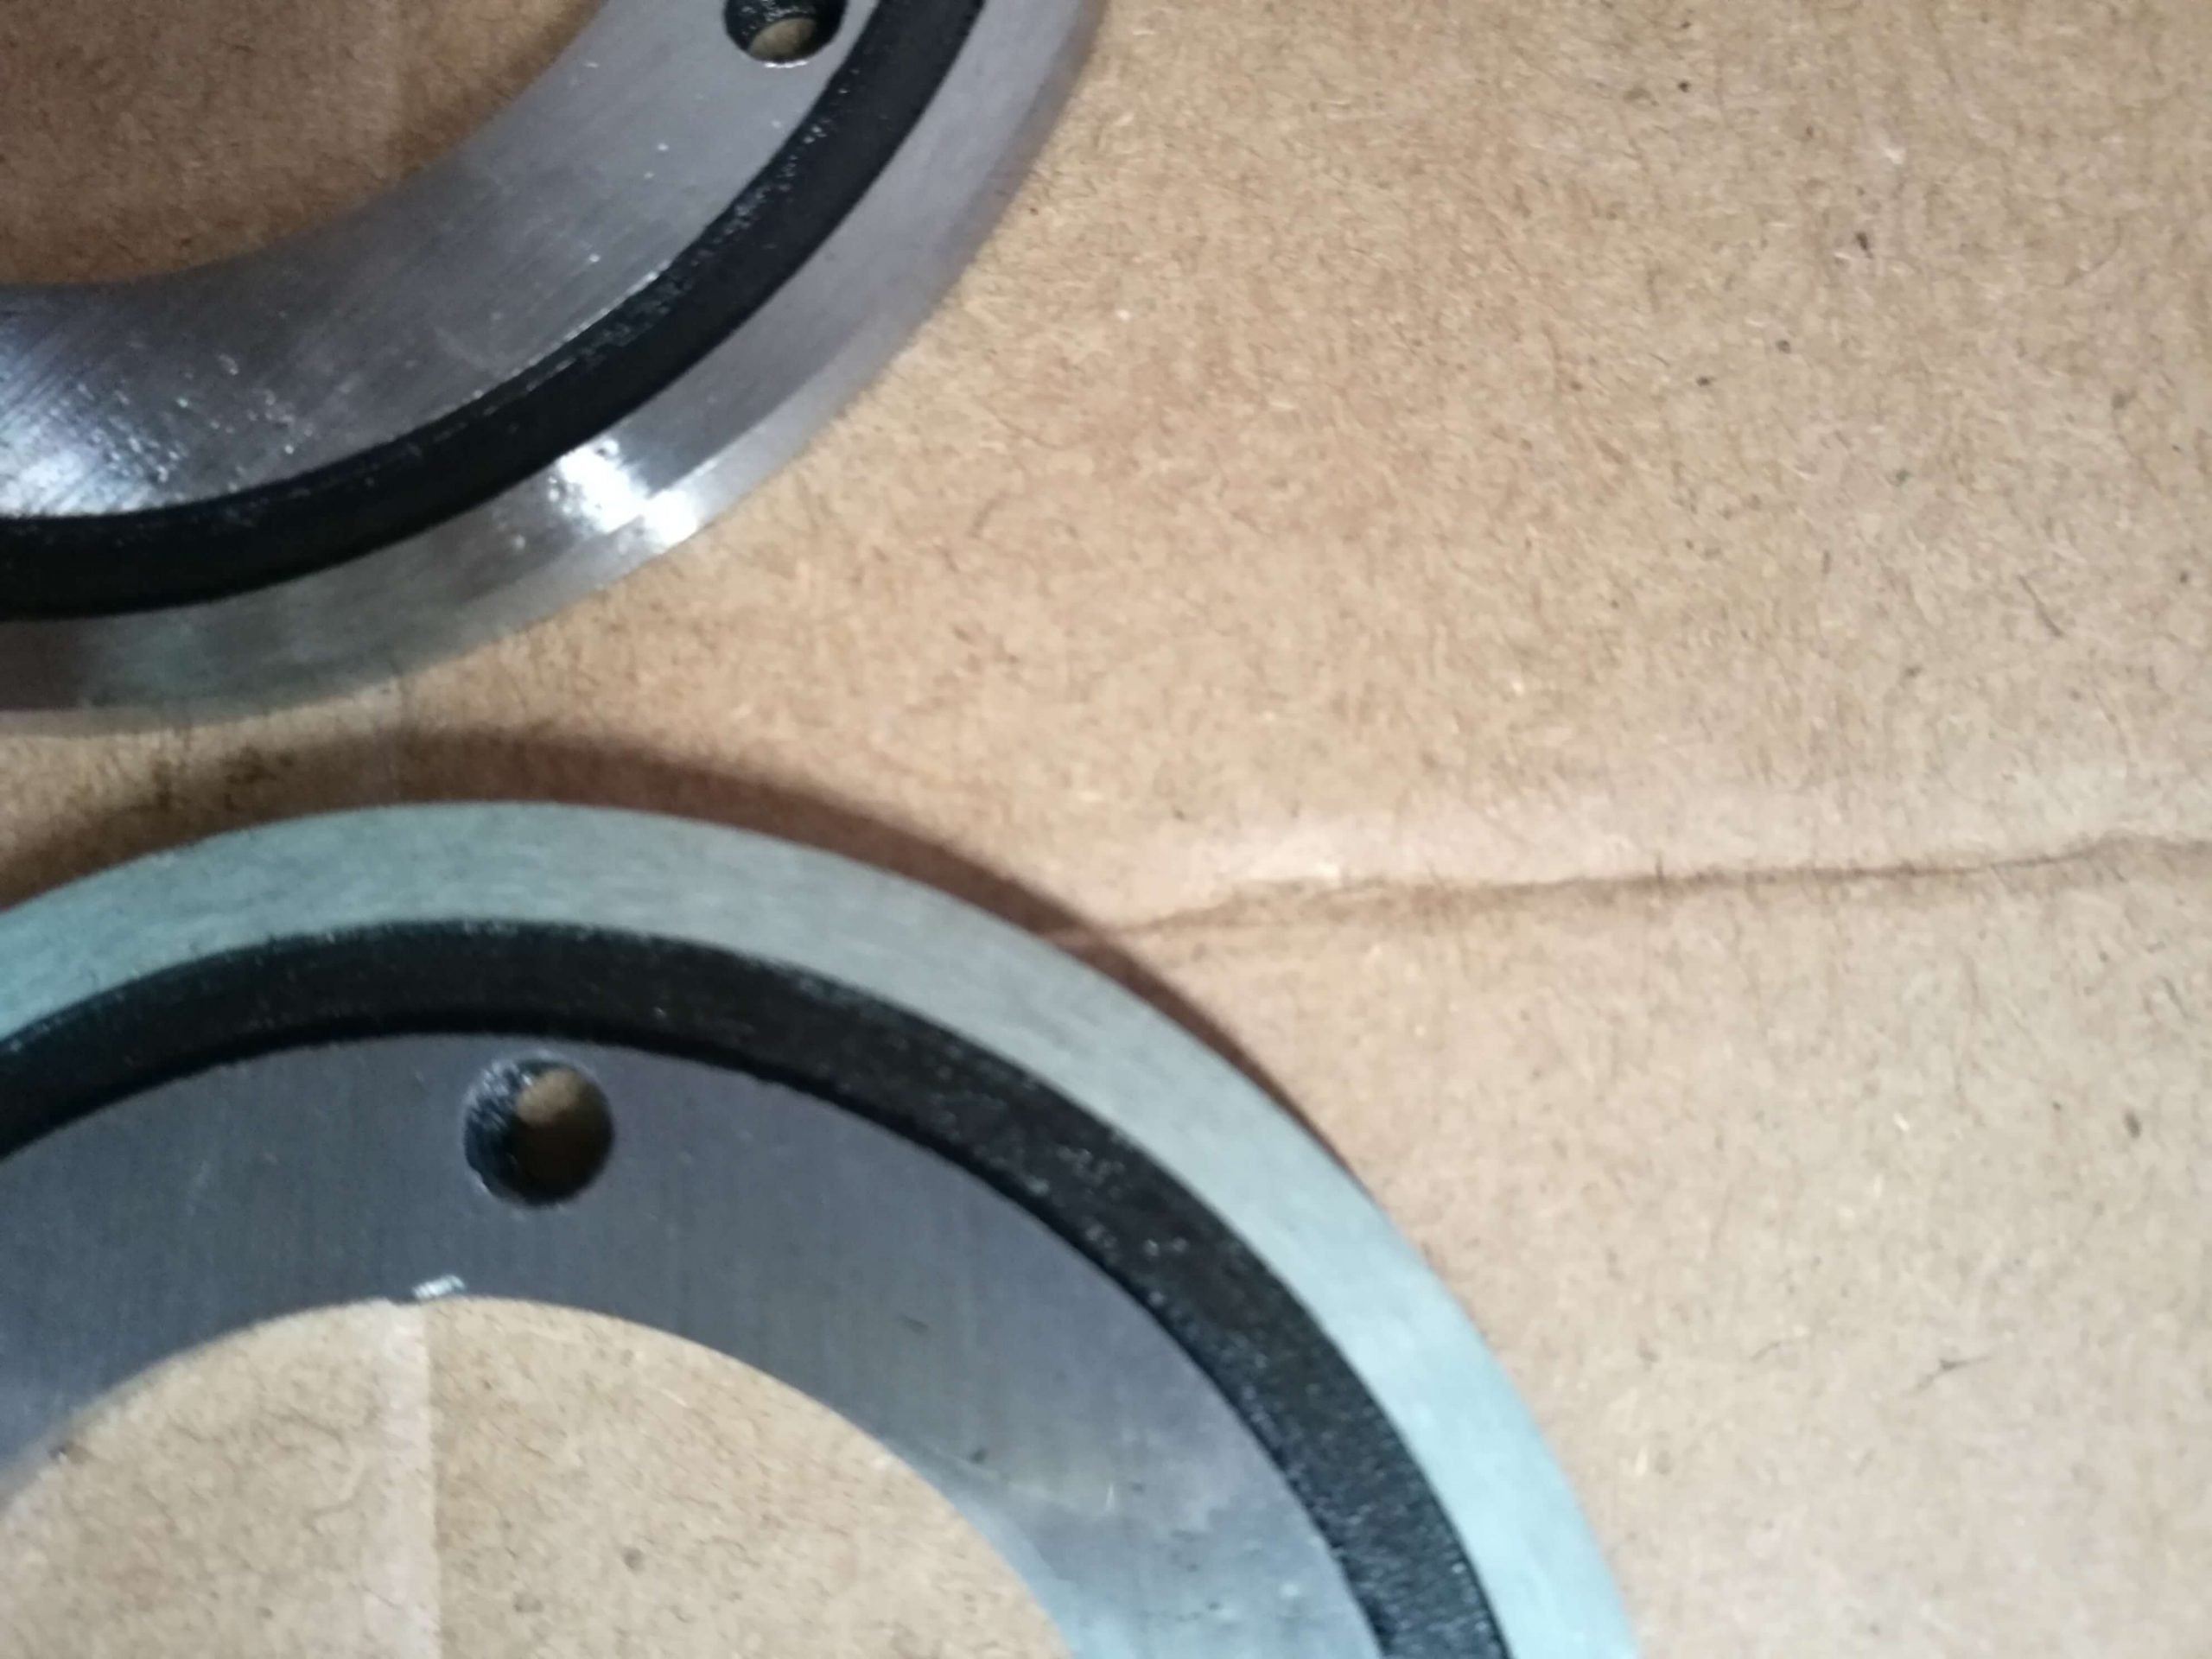 circular paper cutter blades